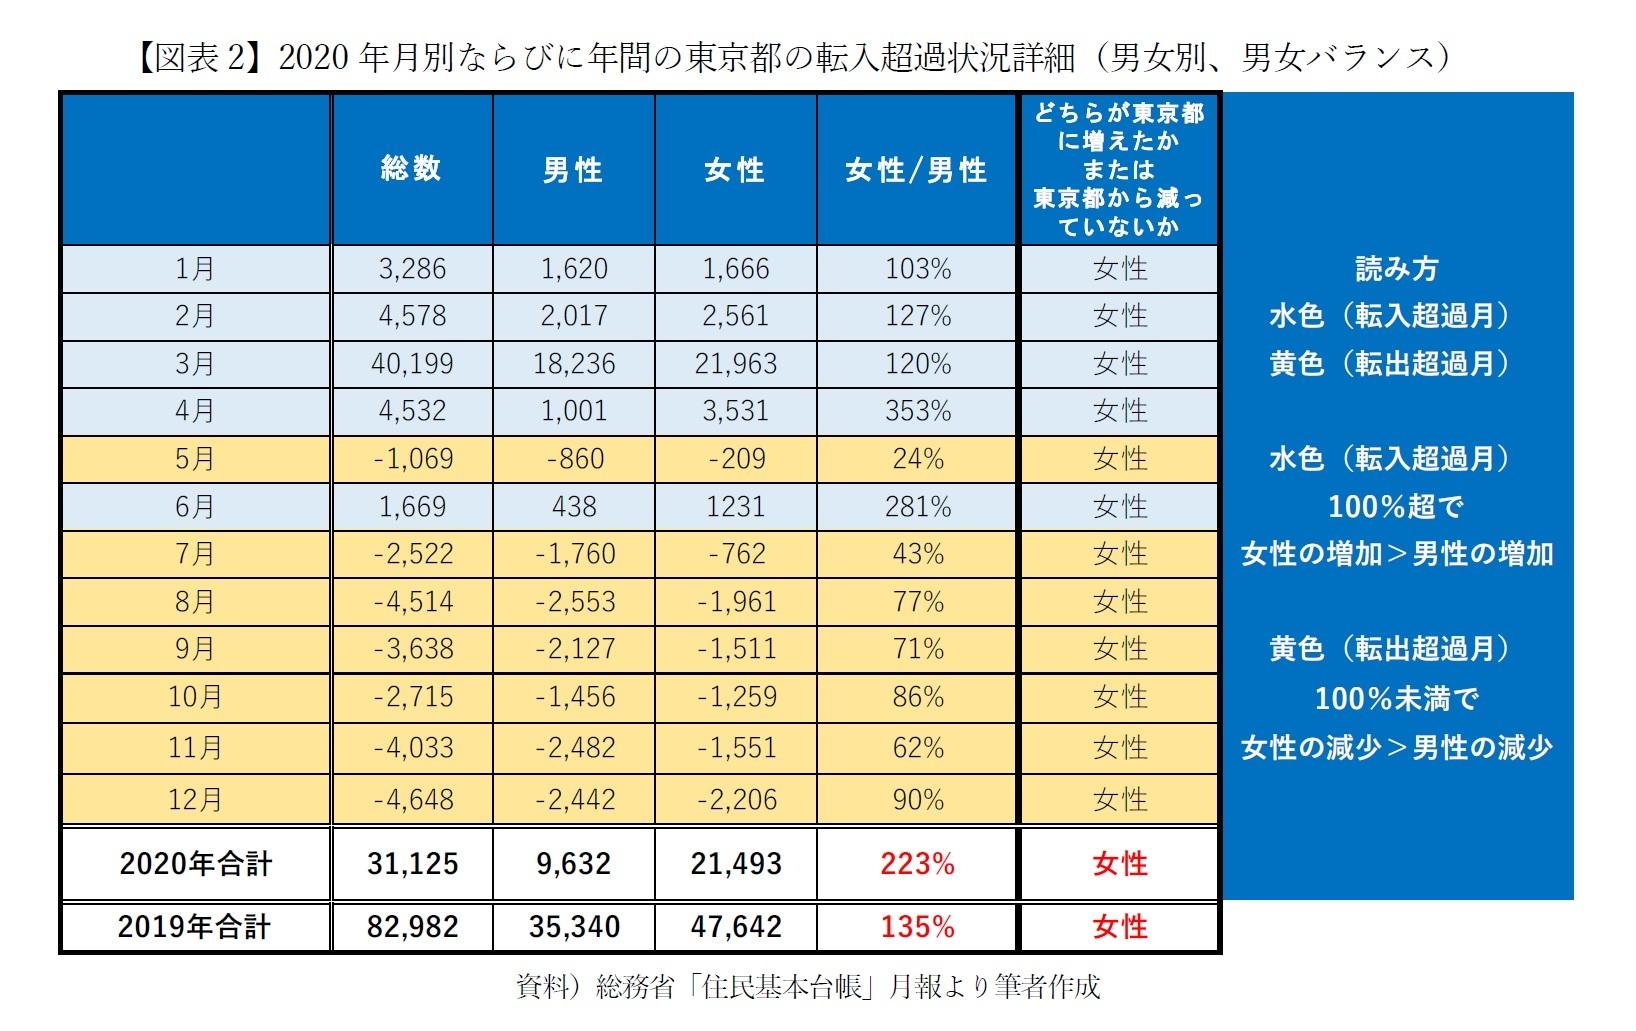 【図表2】2020年月別ならびに年間の東京都の転入超過状況詳細(男女別、男女バランス)